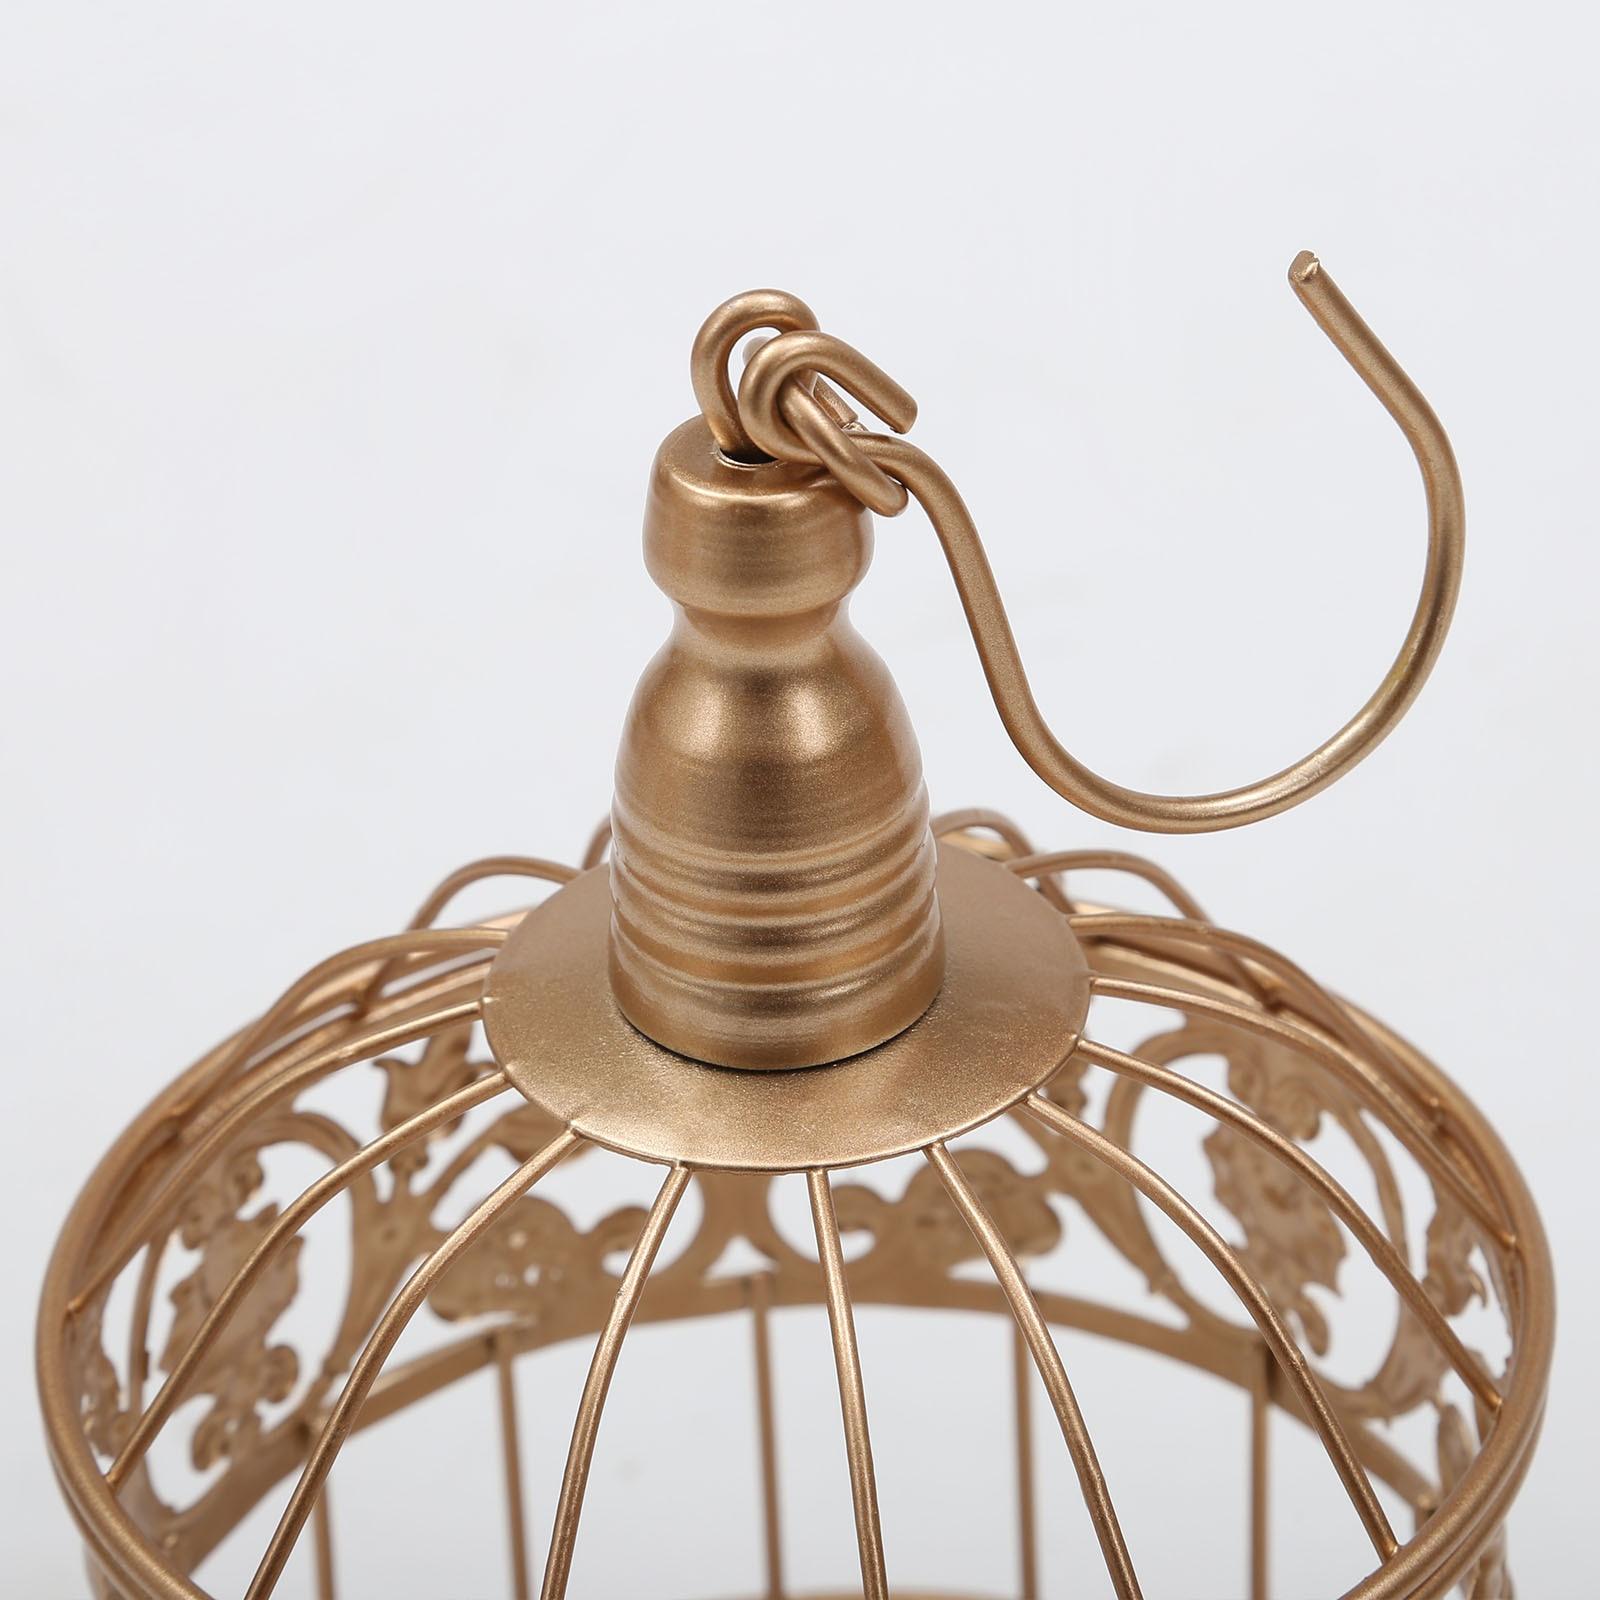 13 pièces/ensemble or blanc gâteau support ensemble rond en métal Cupcake Dessert affichage piédestal mariage présentoir gâteau décoration outil - 5